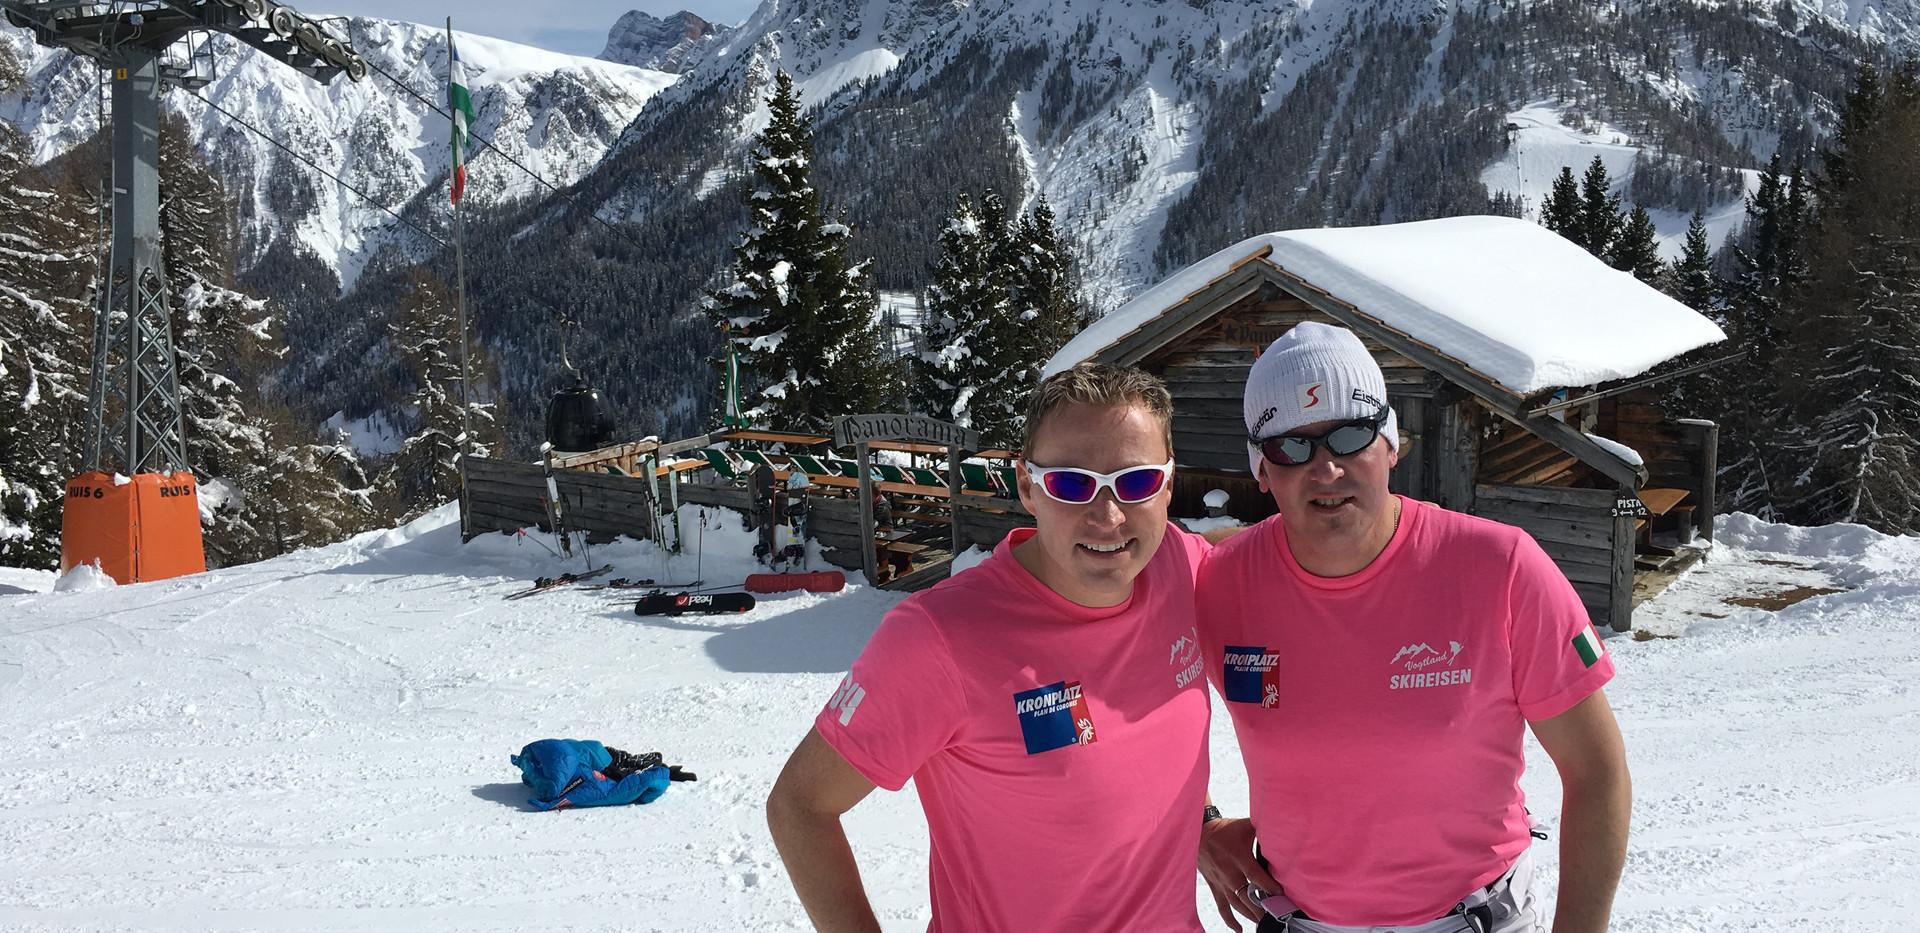 Südtirol_34._Skireise_2016.jpeg